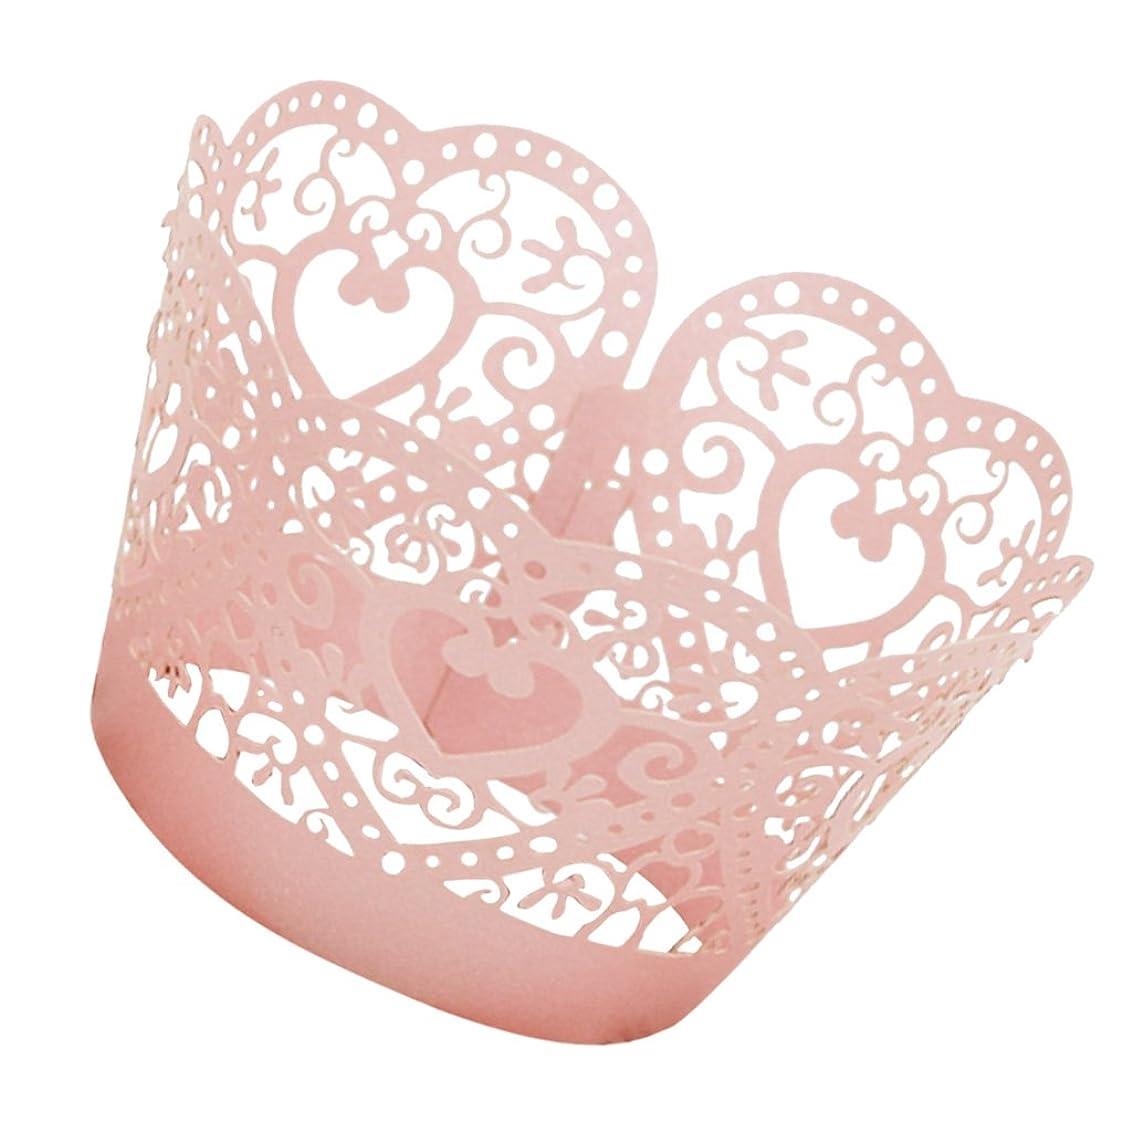 乗り出す災害不明瞭【ノーブランド品】組み立てる ハート形 ケーキ ペーパー ラップ カップケーキ ラッパー 約50個 全4色選ぶ - ピンク